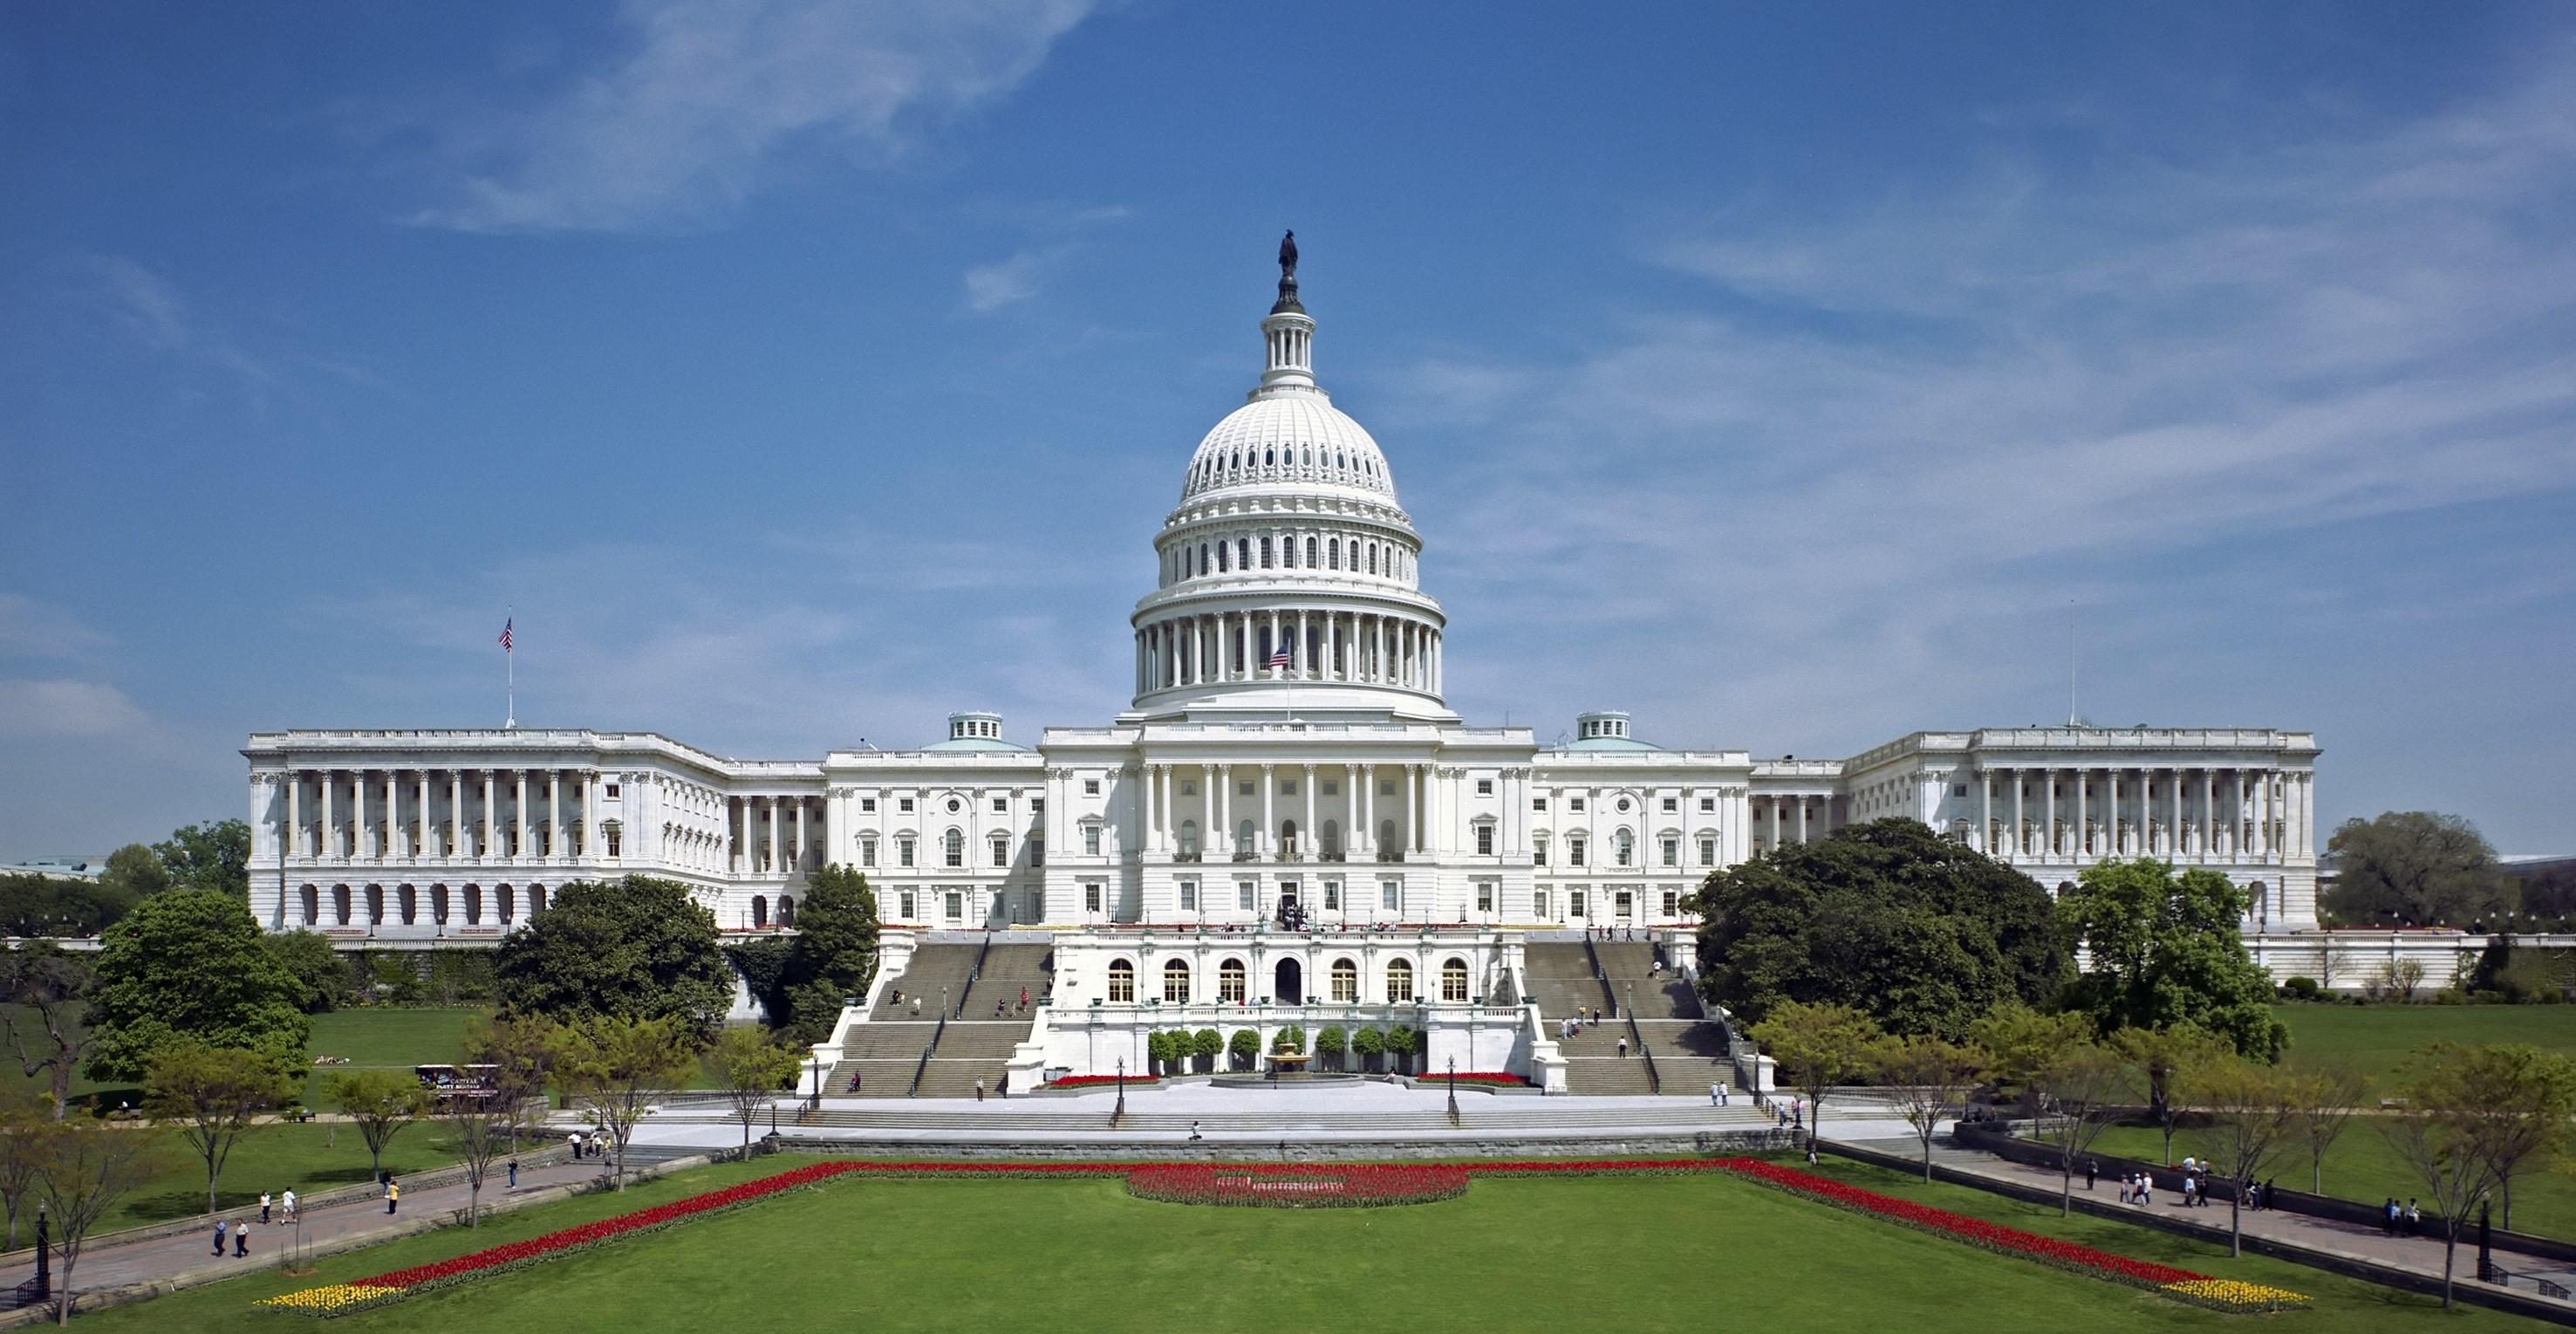 أعضاء الحزب الديمقراطي يفضلون المسار الدبلوماسي في التعاطي مع الملف النووي